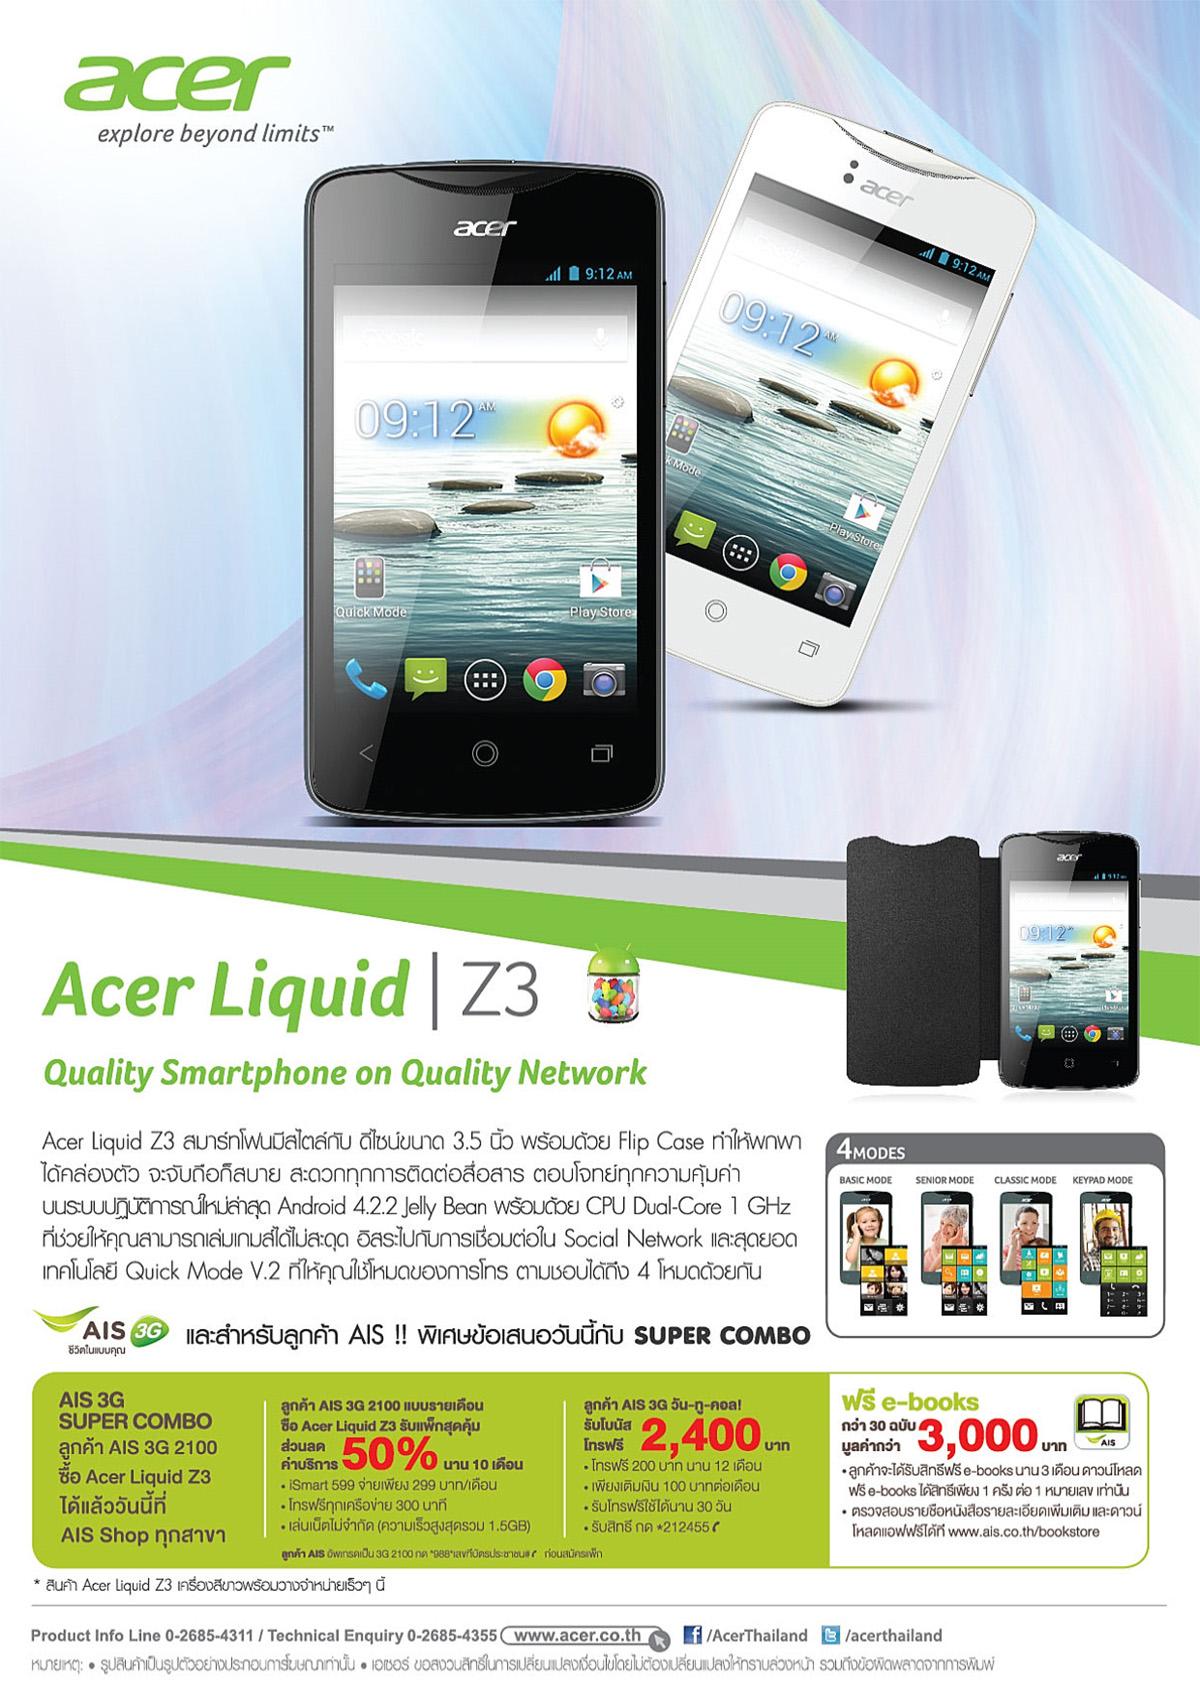 Acer 08 2013 11